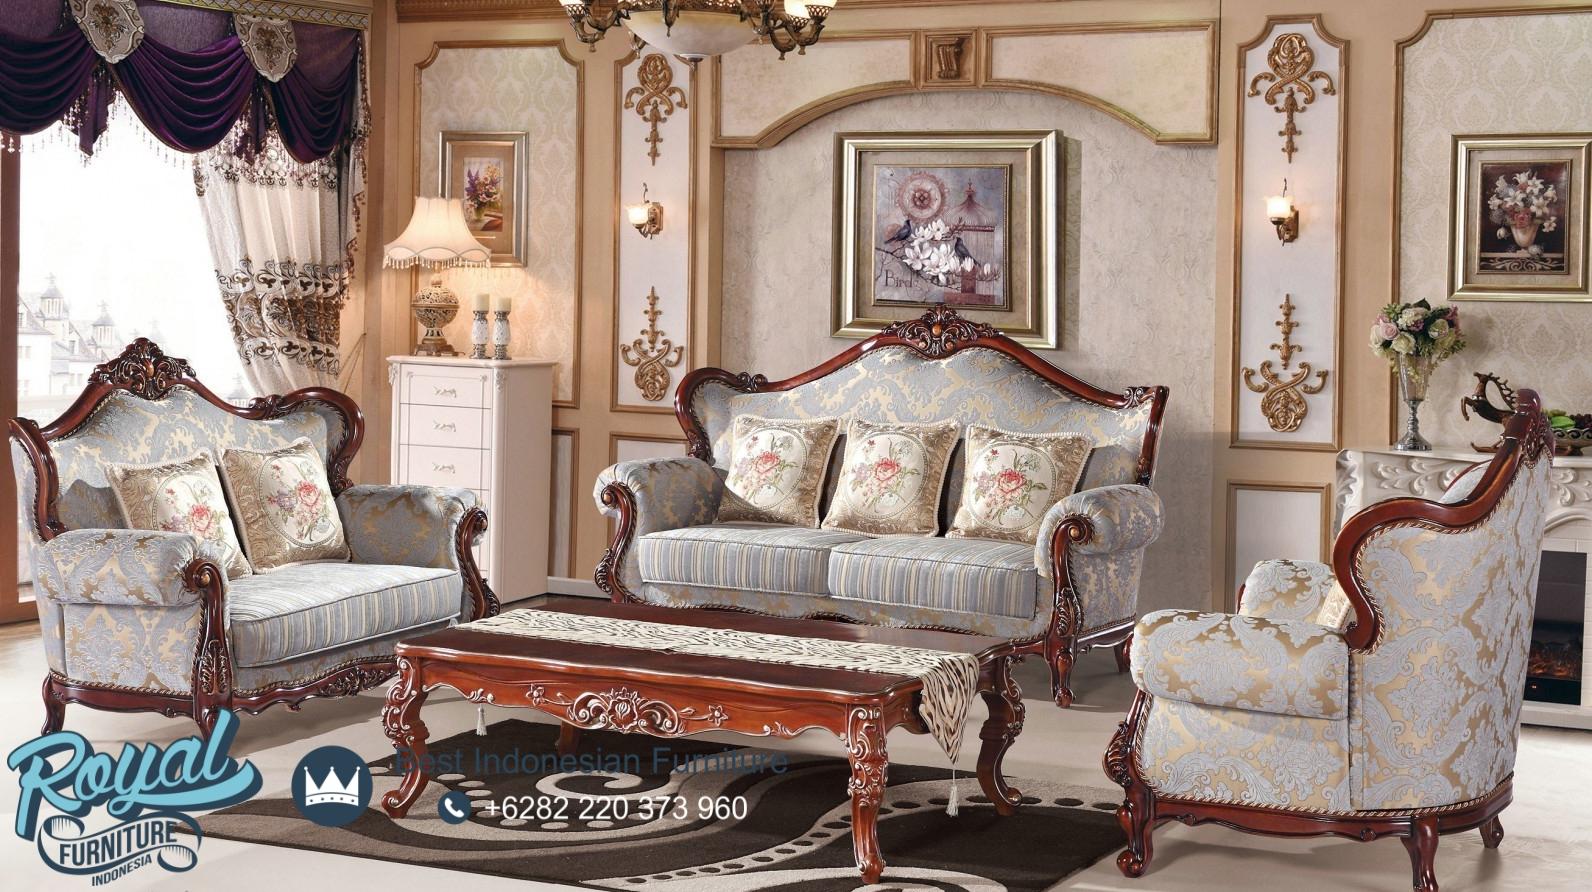 Model Sofa Tamu Jati Ukir Klasik Unique, sofa tamu mewah terbaru, sofa klasik mewah, sofa tamu jati jepara, sofa mewah kulit asli, sofa mewah modern, model sofa mewah dan elegan, sofa mewah minimalis terbaru, jual sofa mewah murah, harga sofa terbaru jati jepara, gambar sofa mewah, sofa ruang tamu mewah dan luas, sofa ruang tamu ukir jepara terbaru, kursi tamu jati jepara terbaru, sofa tamu klasik mewah, sofa tamu mewah, sofa ruang tamu terbaru, kursi ruang tamu mewah, sofa mewah modern, sofa ruang tamu kecil, sofa ruang tamu elegan, desain sofa ruang tamu klasik eropa, toko furniture jepara, jual furniture jati jepara, mebel jepara terbaru, royal furniture